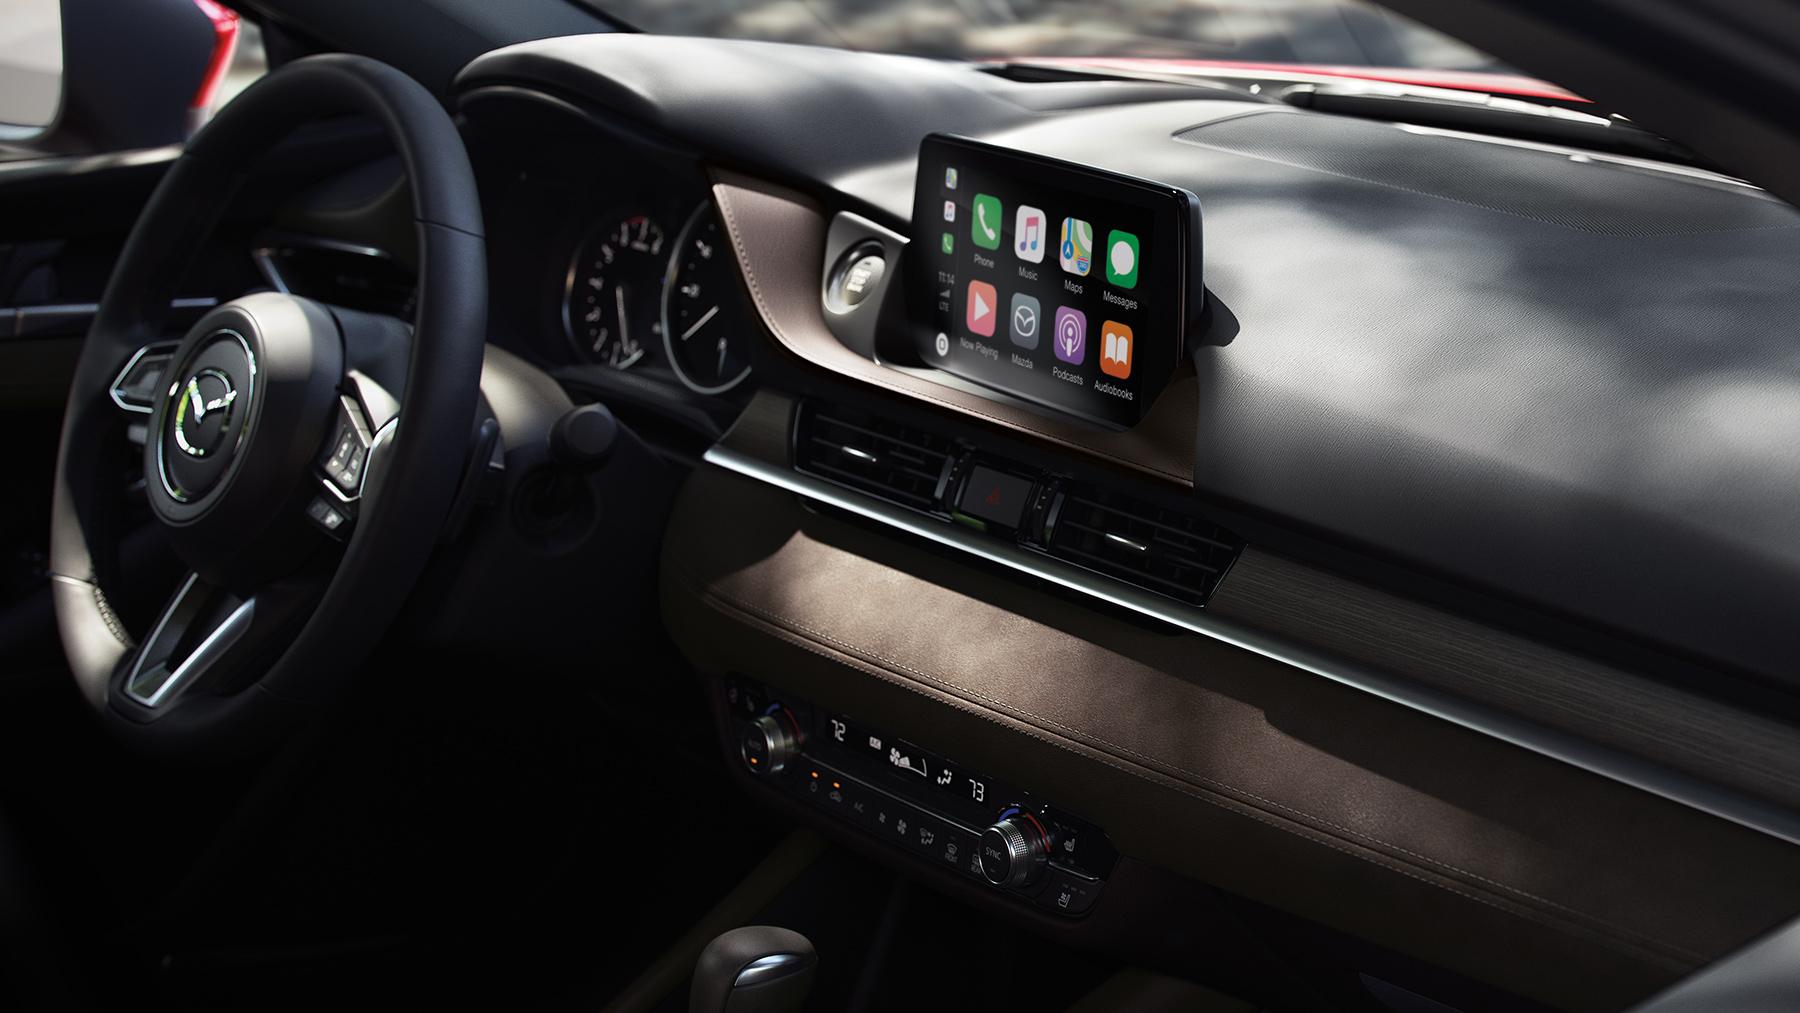 2019 Mazda6 Cockpit